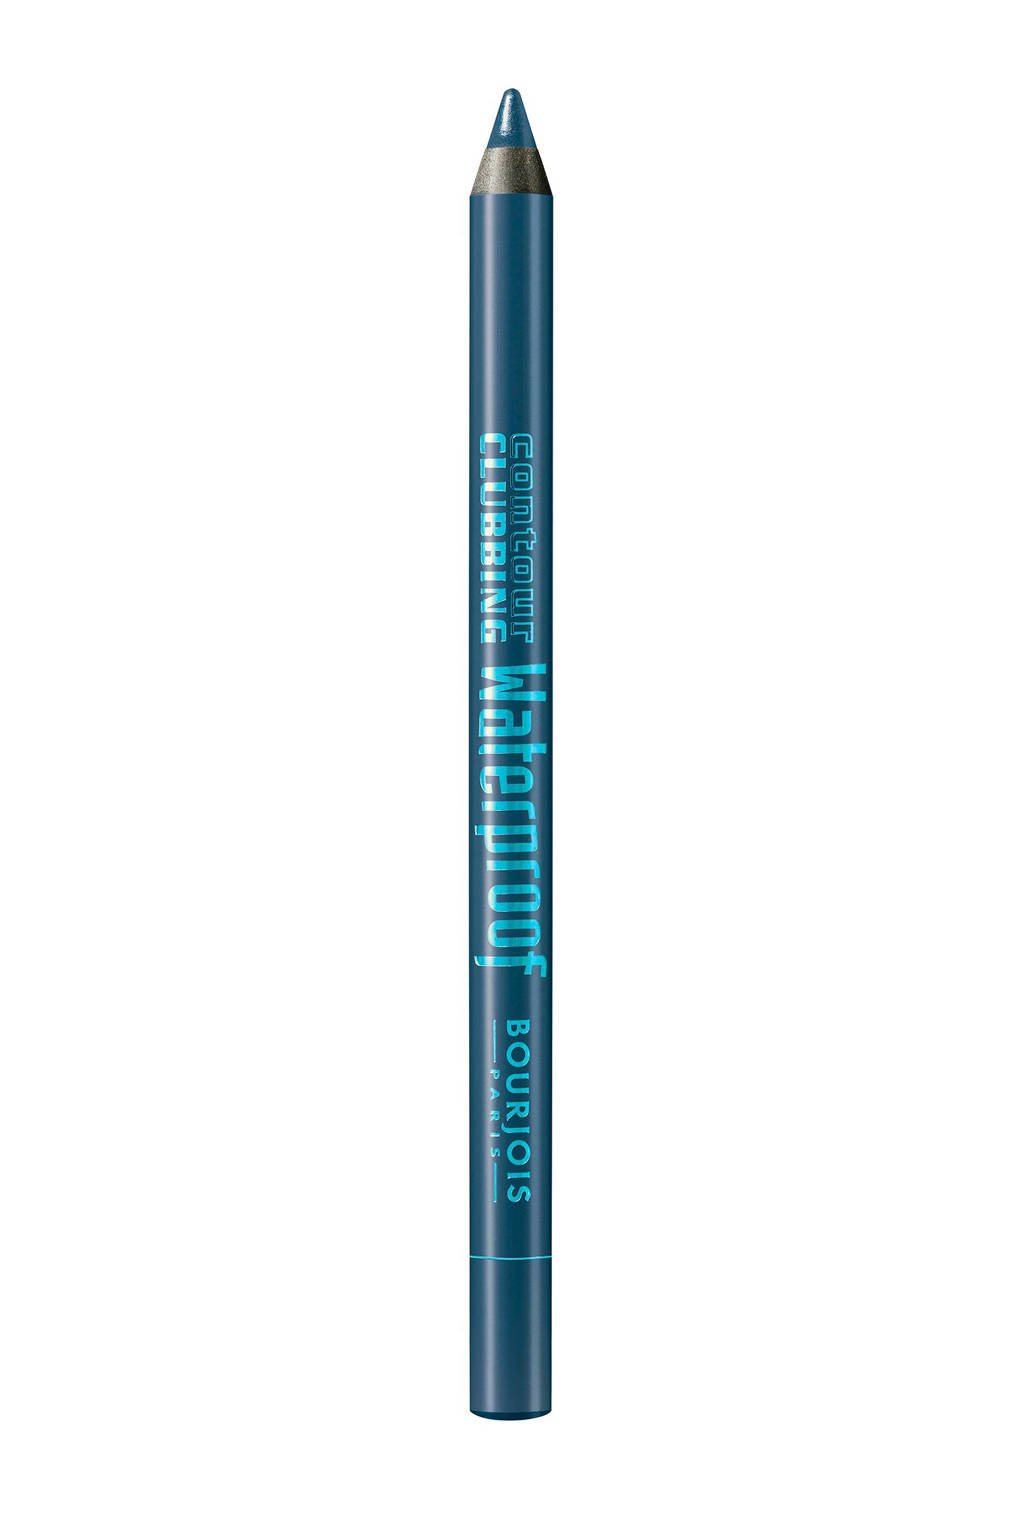 Bourjois Contour Clubbing waterproof oogpotlood - 61 Denim'Pulse